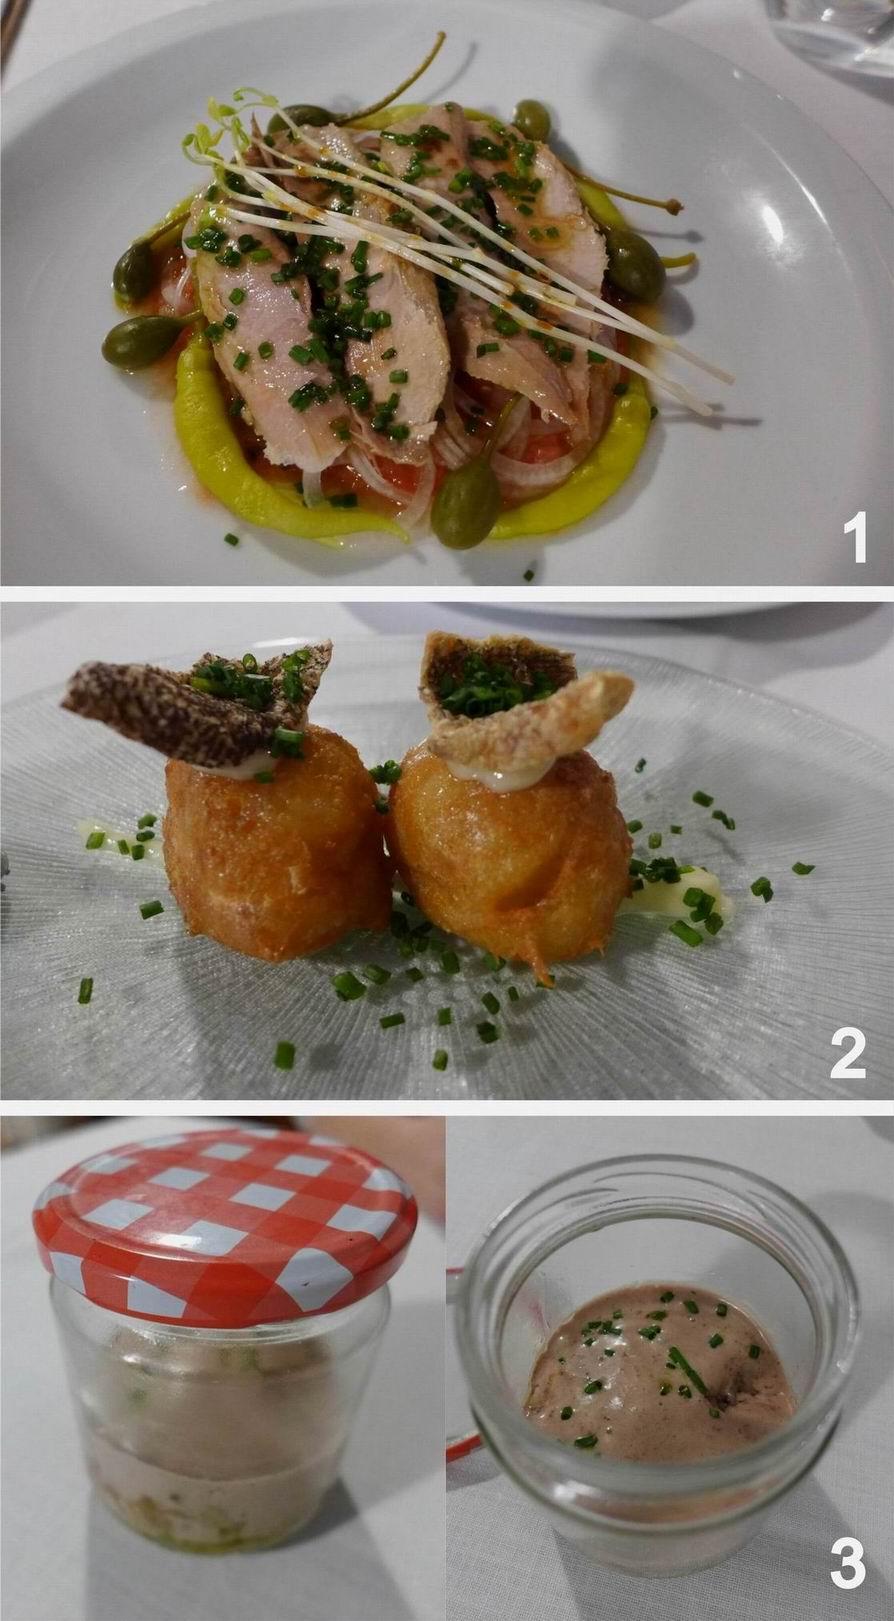 Tavella en Beniferri Ensalada de ventresca, buñuelos de bacalao y blanco y negro